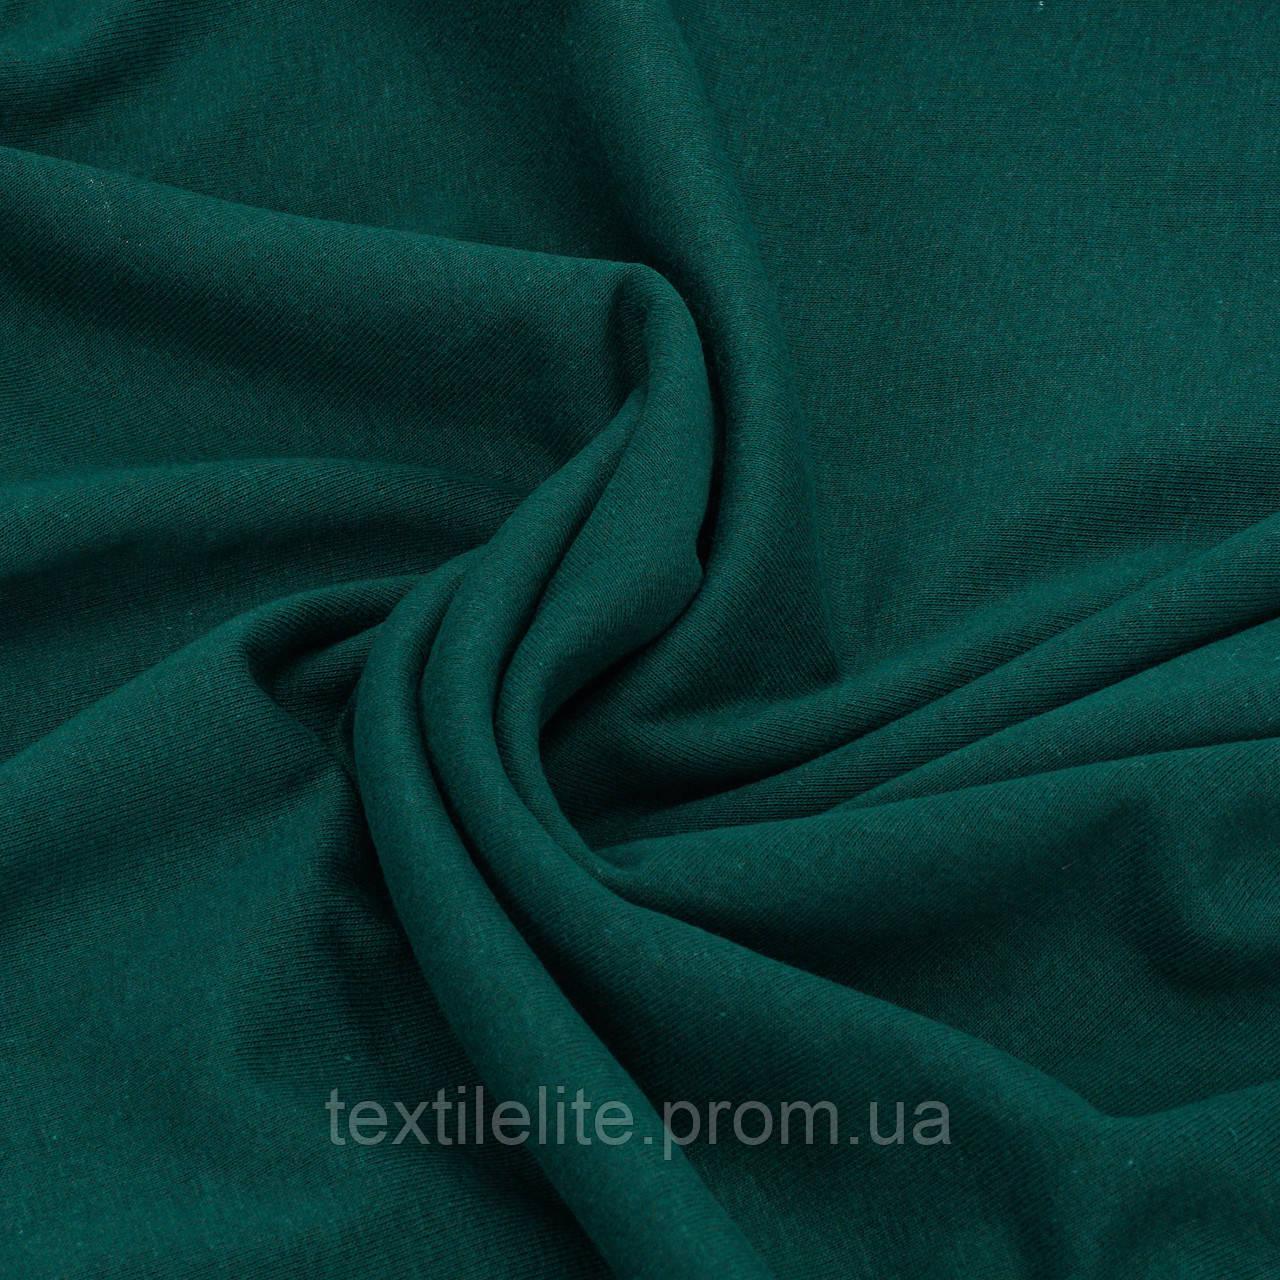 Ткань трикотажная кулирная гладь Темно Зеленая. Трикотажное полотно в рулонах. Хлопок 100%